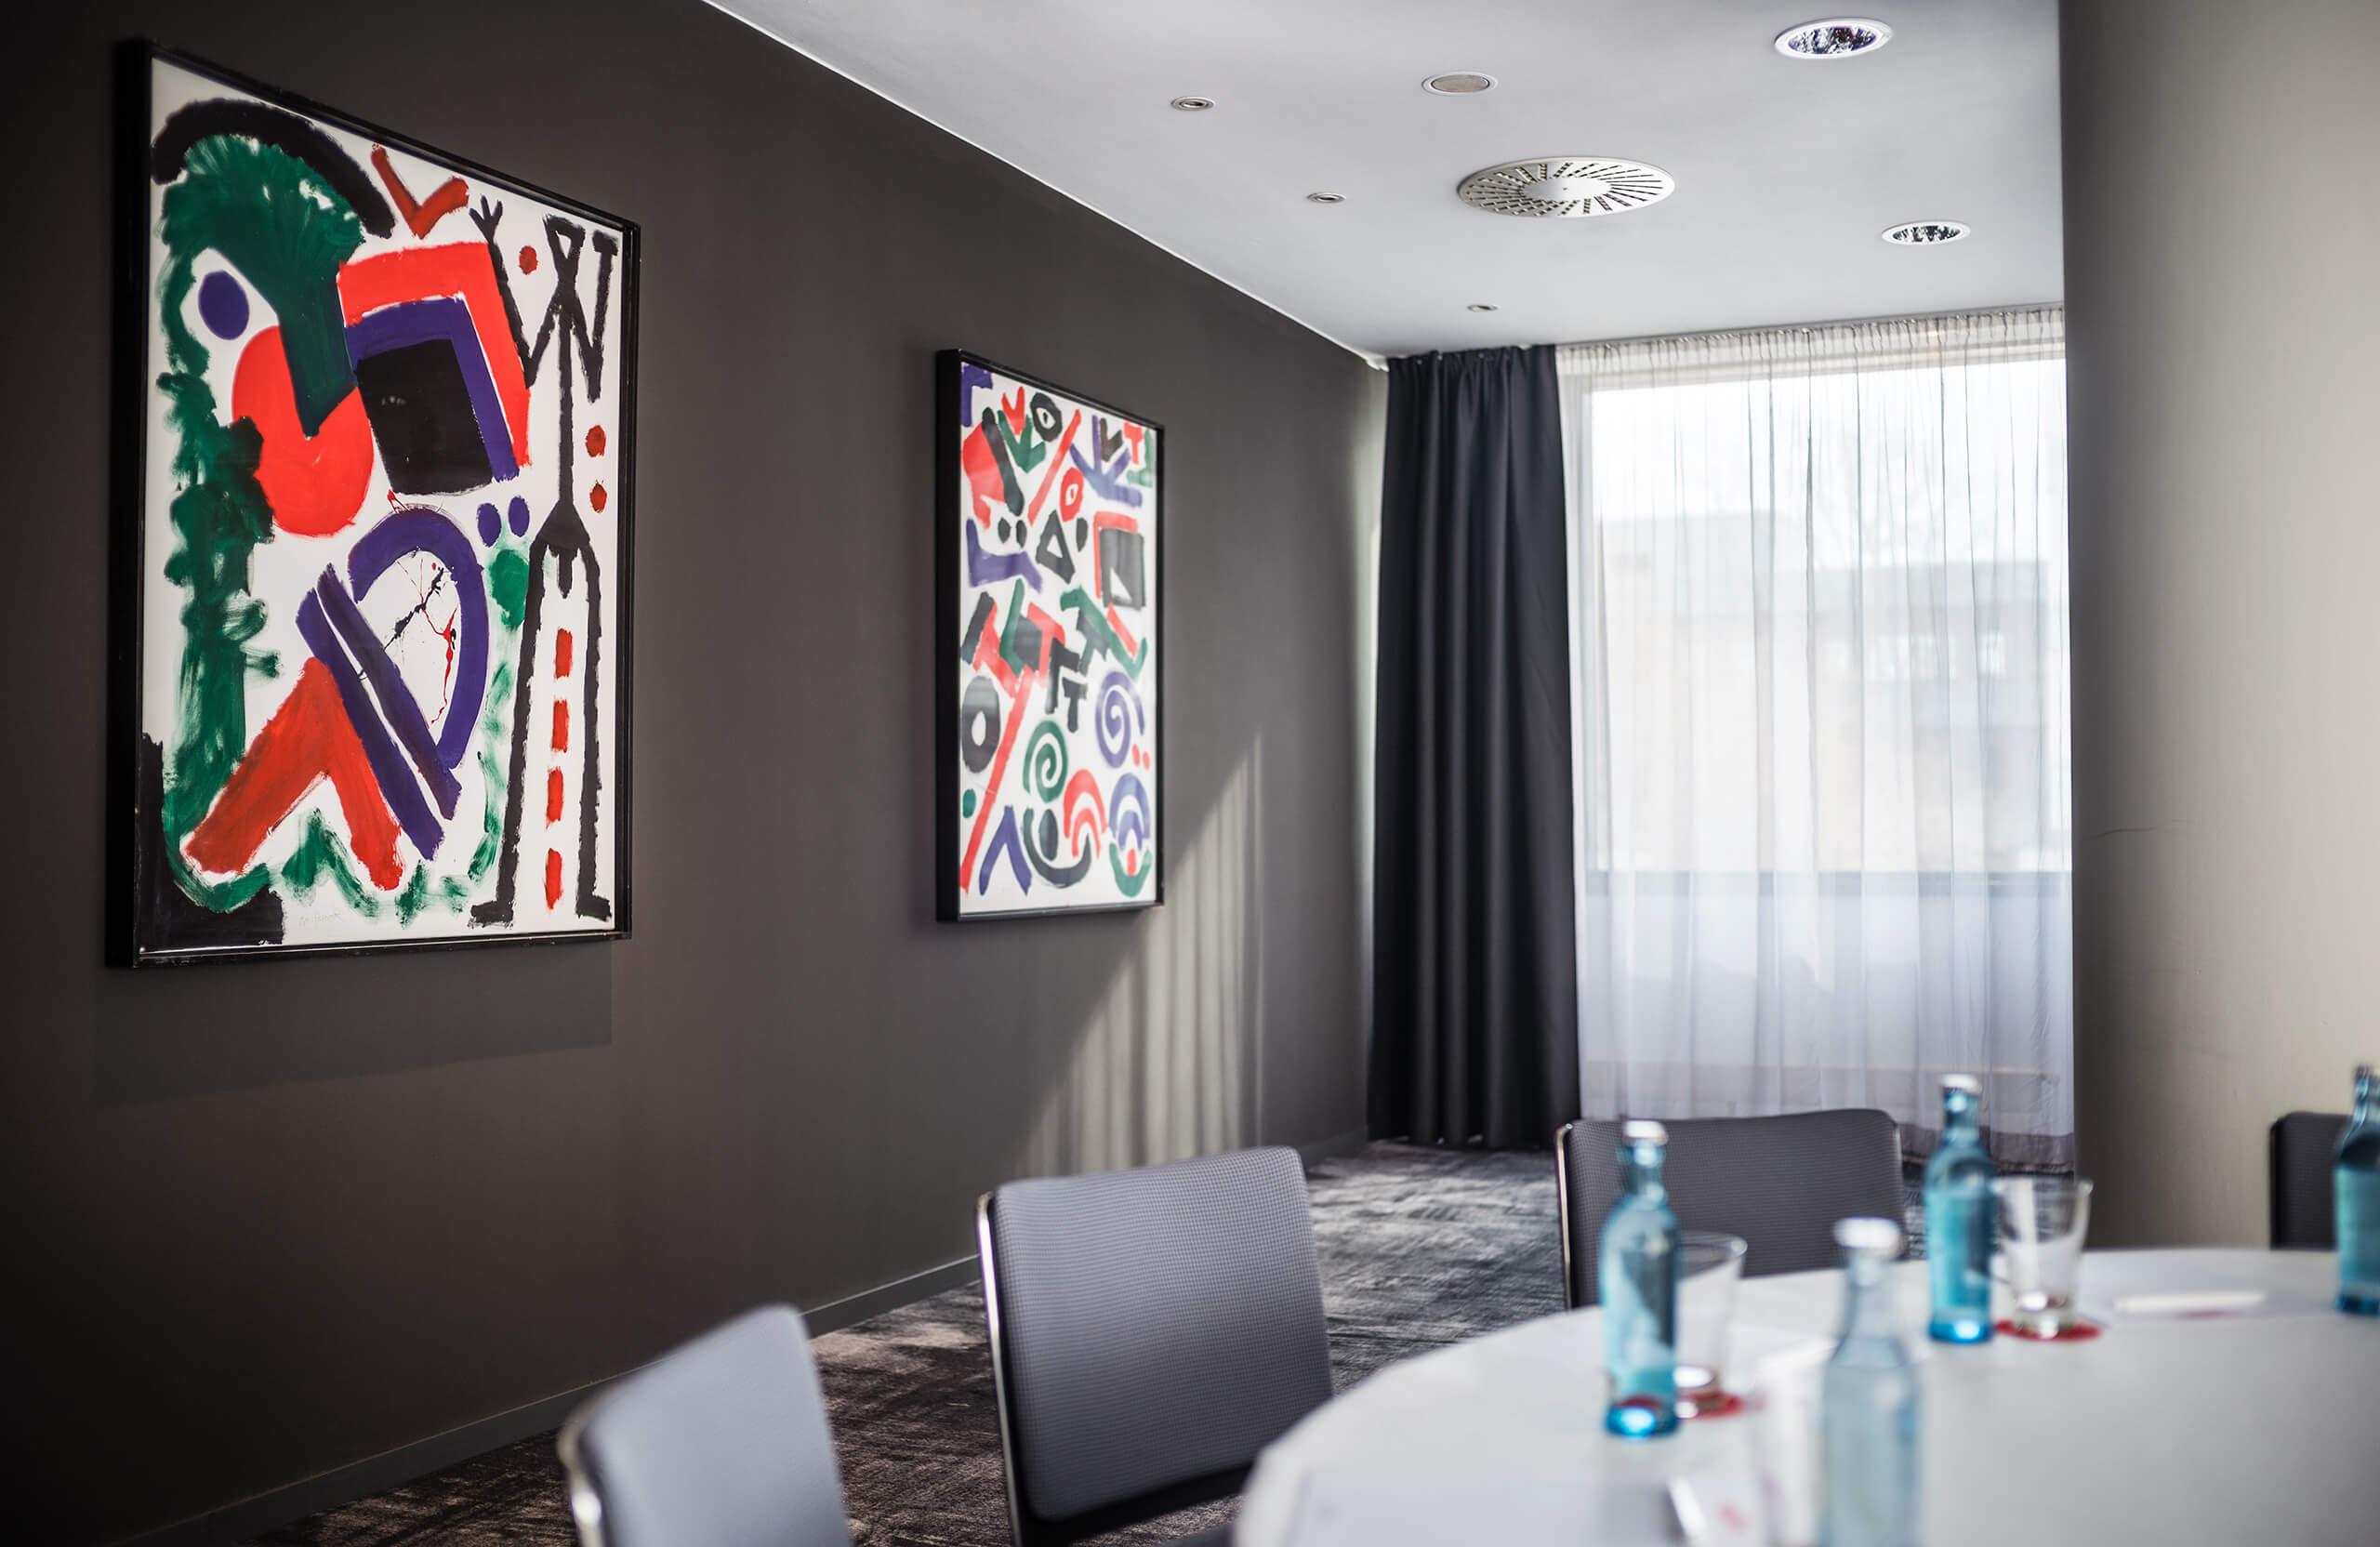 Tagungsraum A mit Penck-Kunstwerken